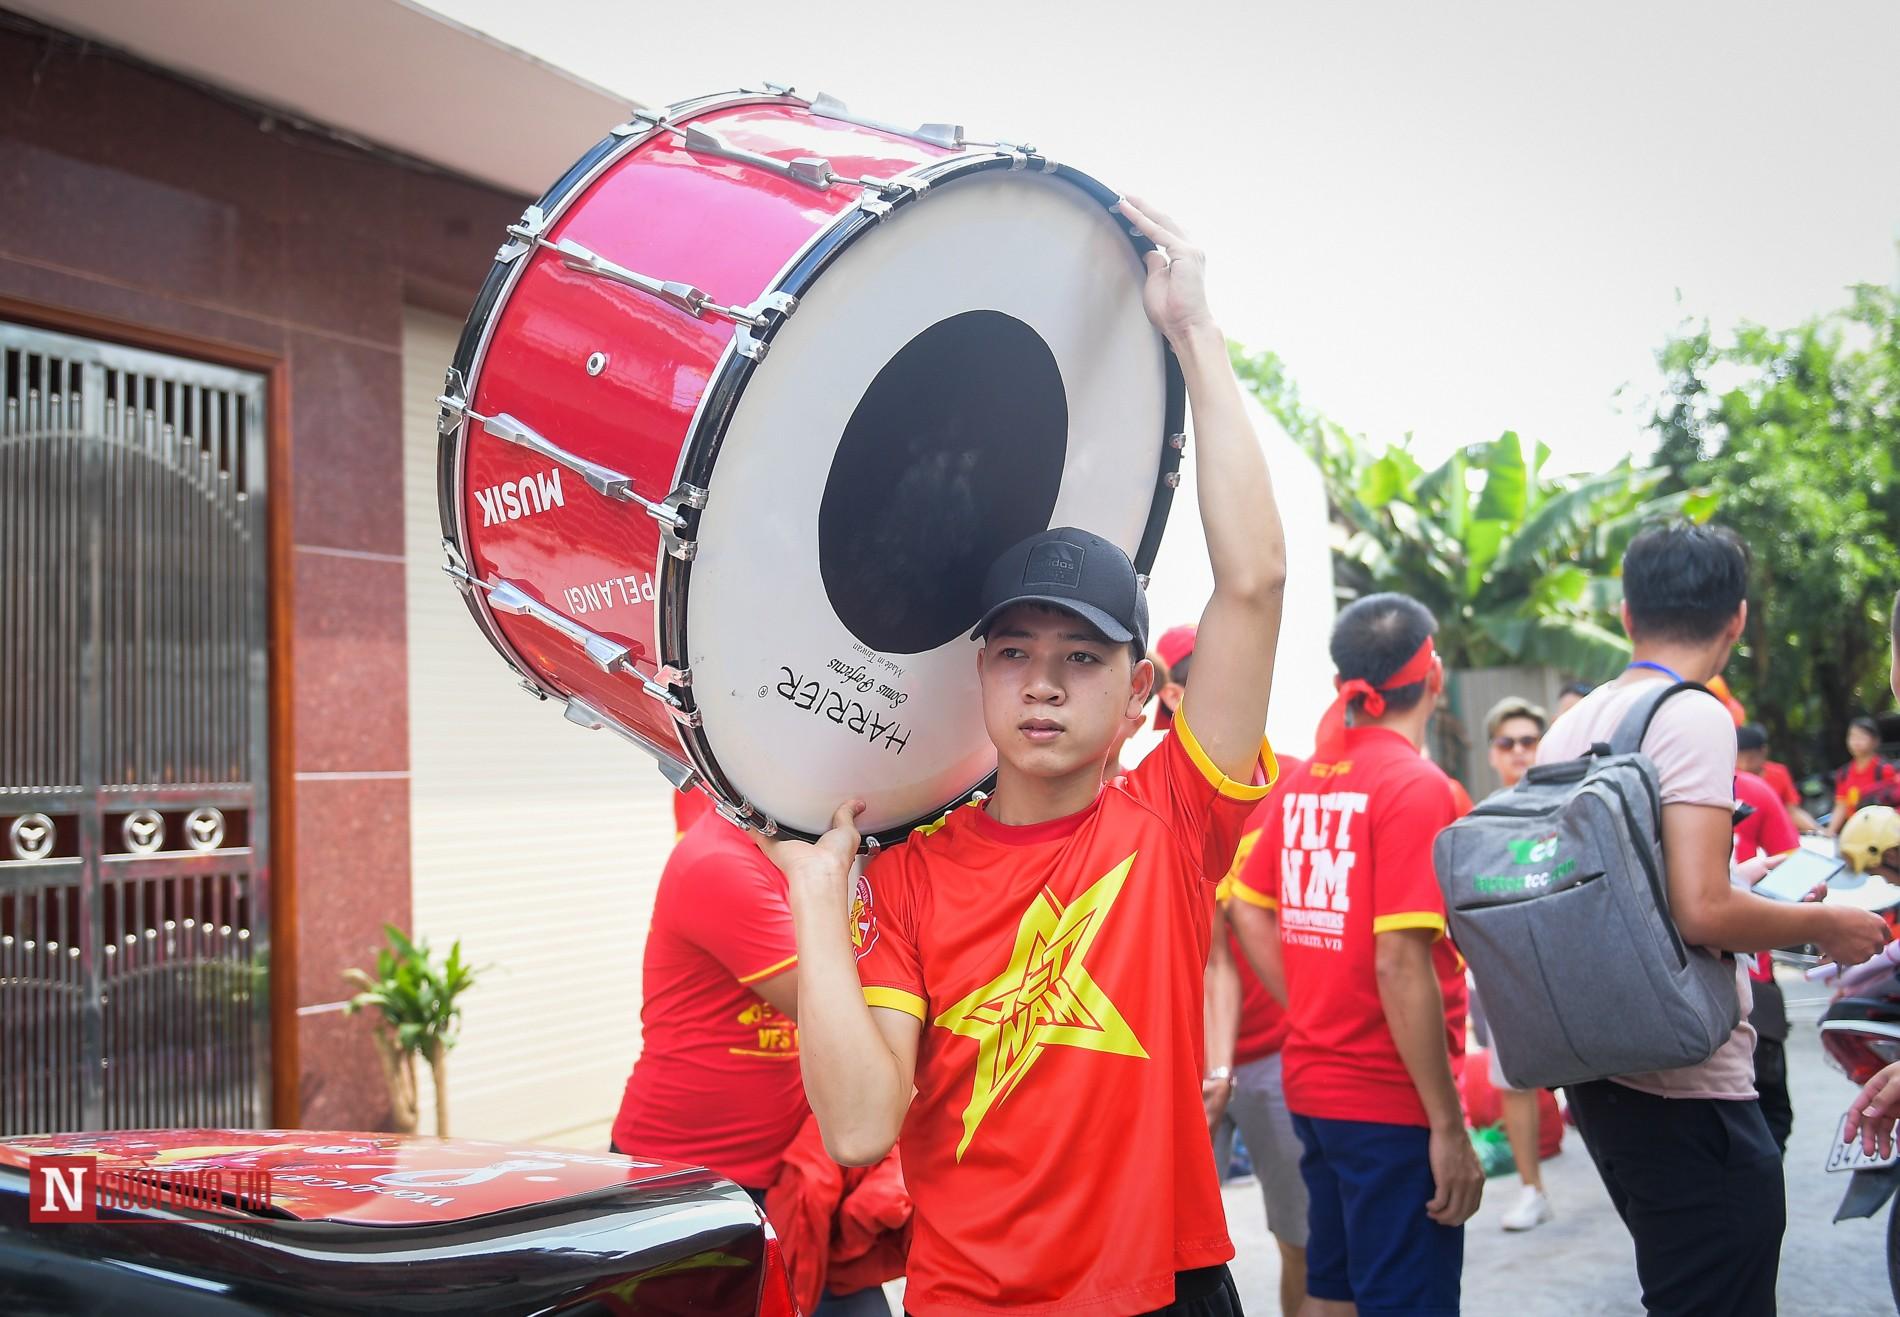 Nóng trước giờ G: Hàng ngàn CĐV diễu hành cổ vũ ĐTQG Việt Nam 3